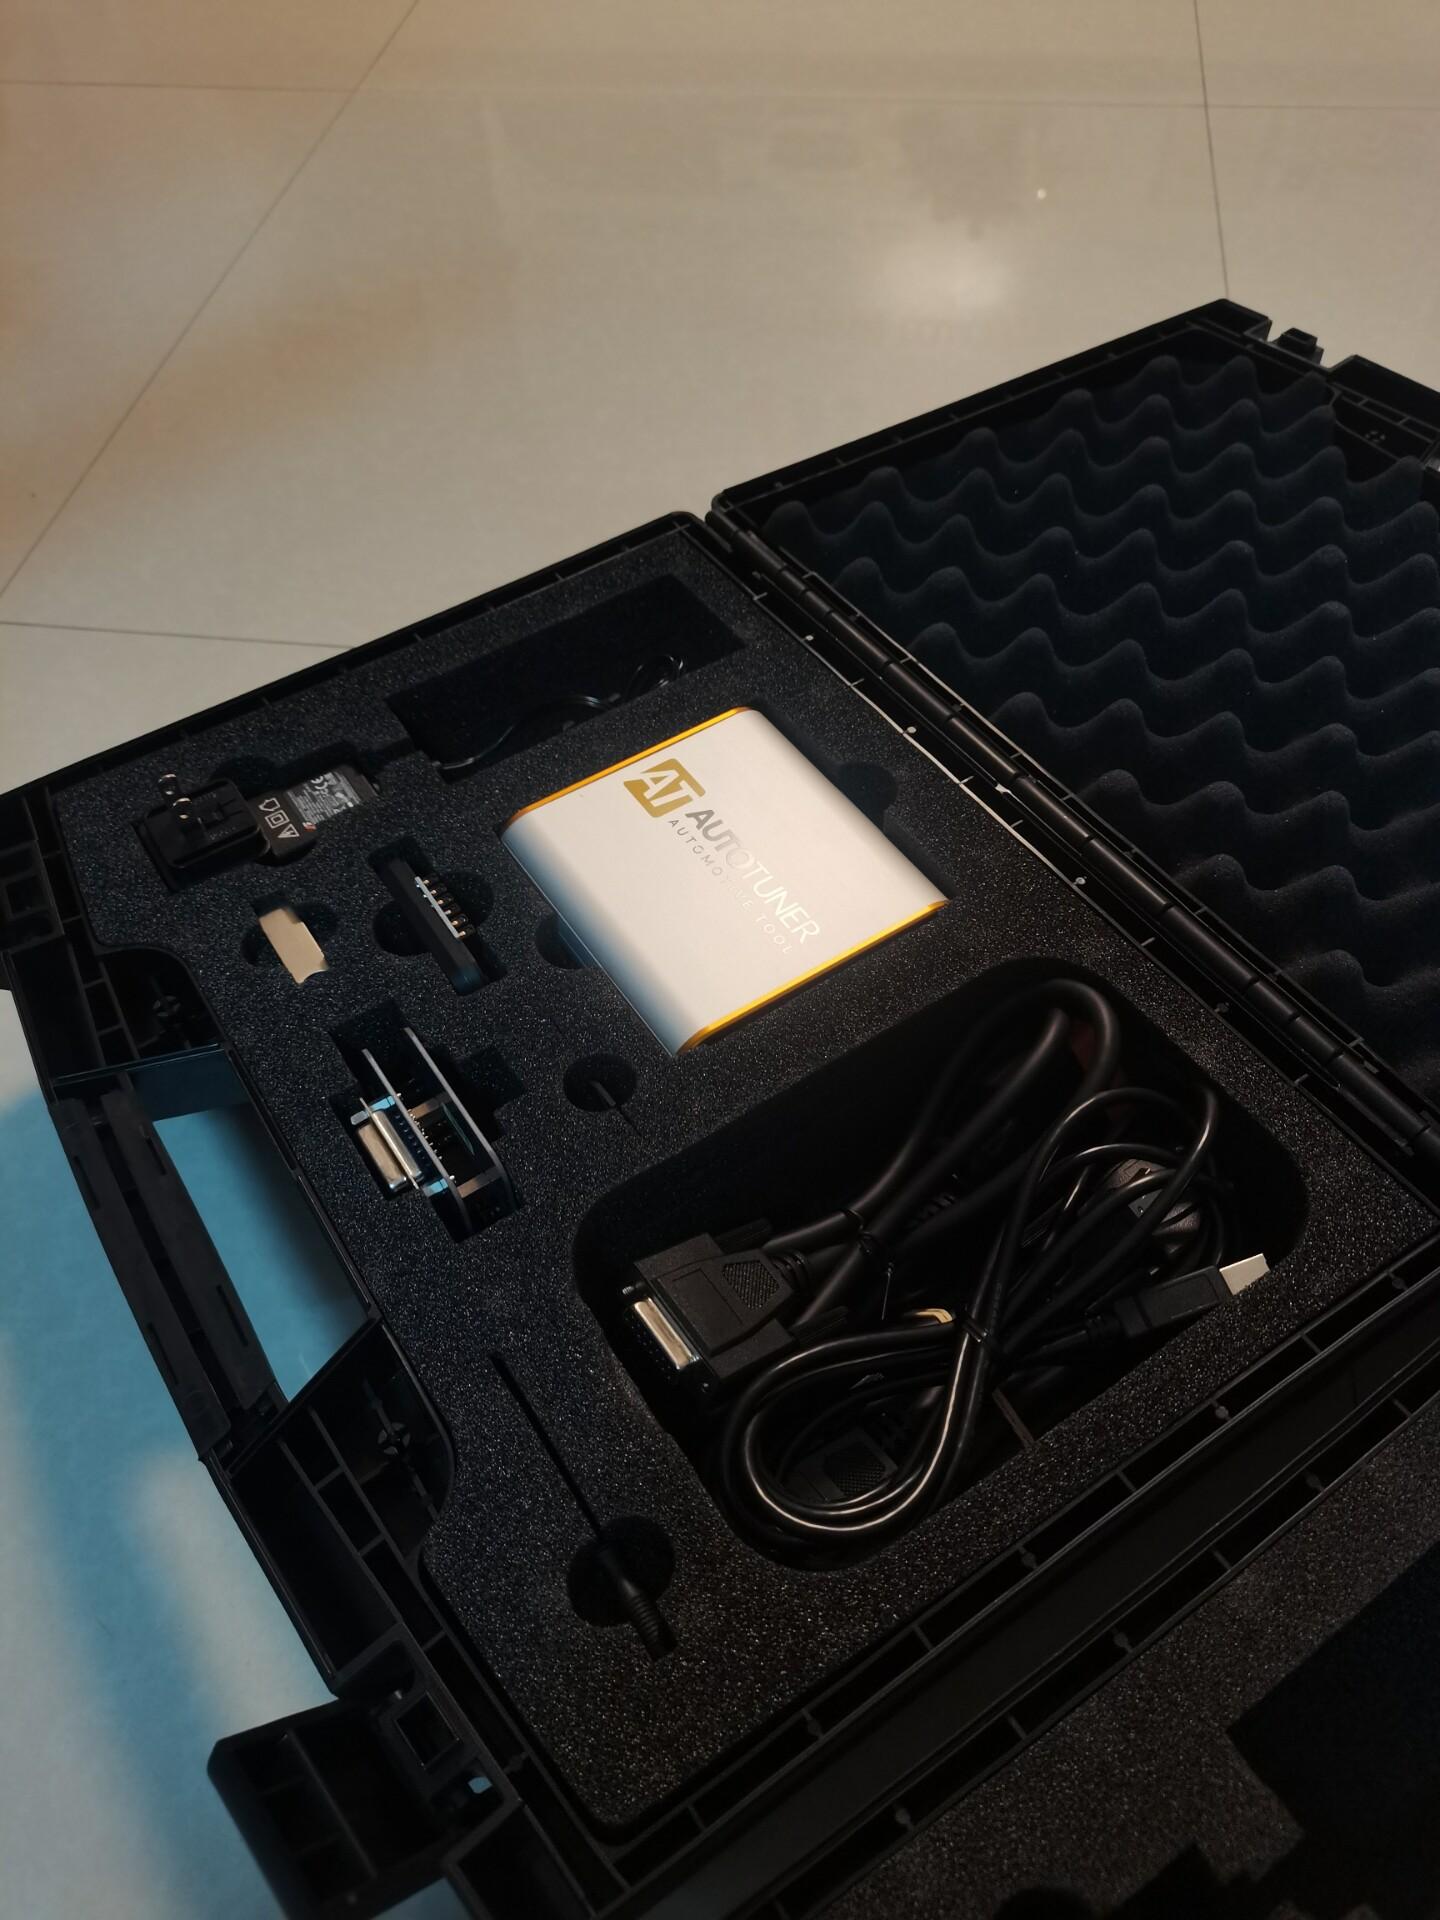 帮友商出Autotuner二手主机设备一套,可过户,价格美丽